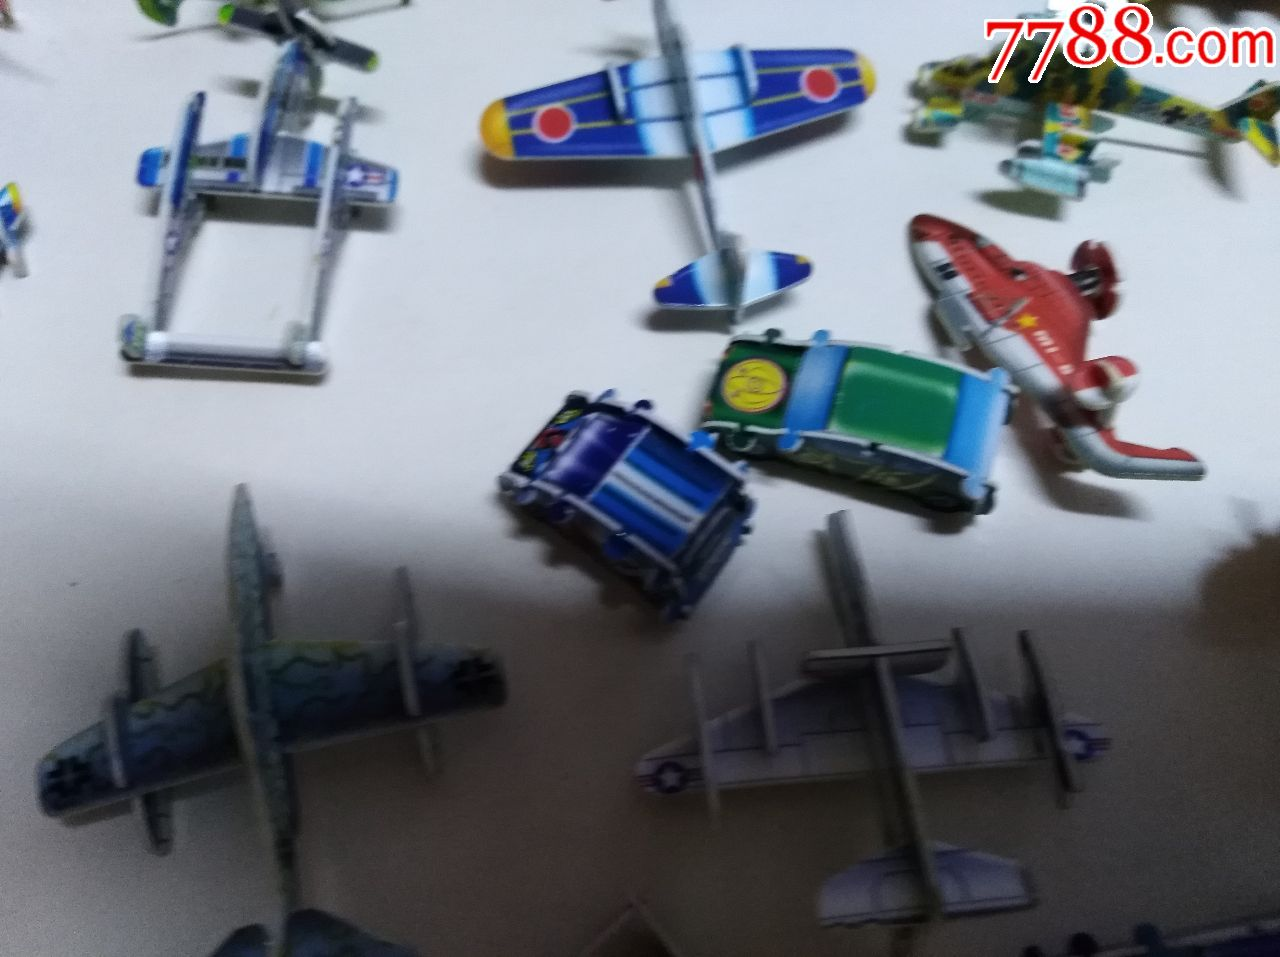 小灵龙房子卡叠成的小车玩具,套装,娃娃,变形金刚等一嗯比飞机玩具恐龙图片